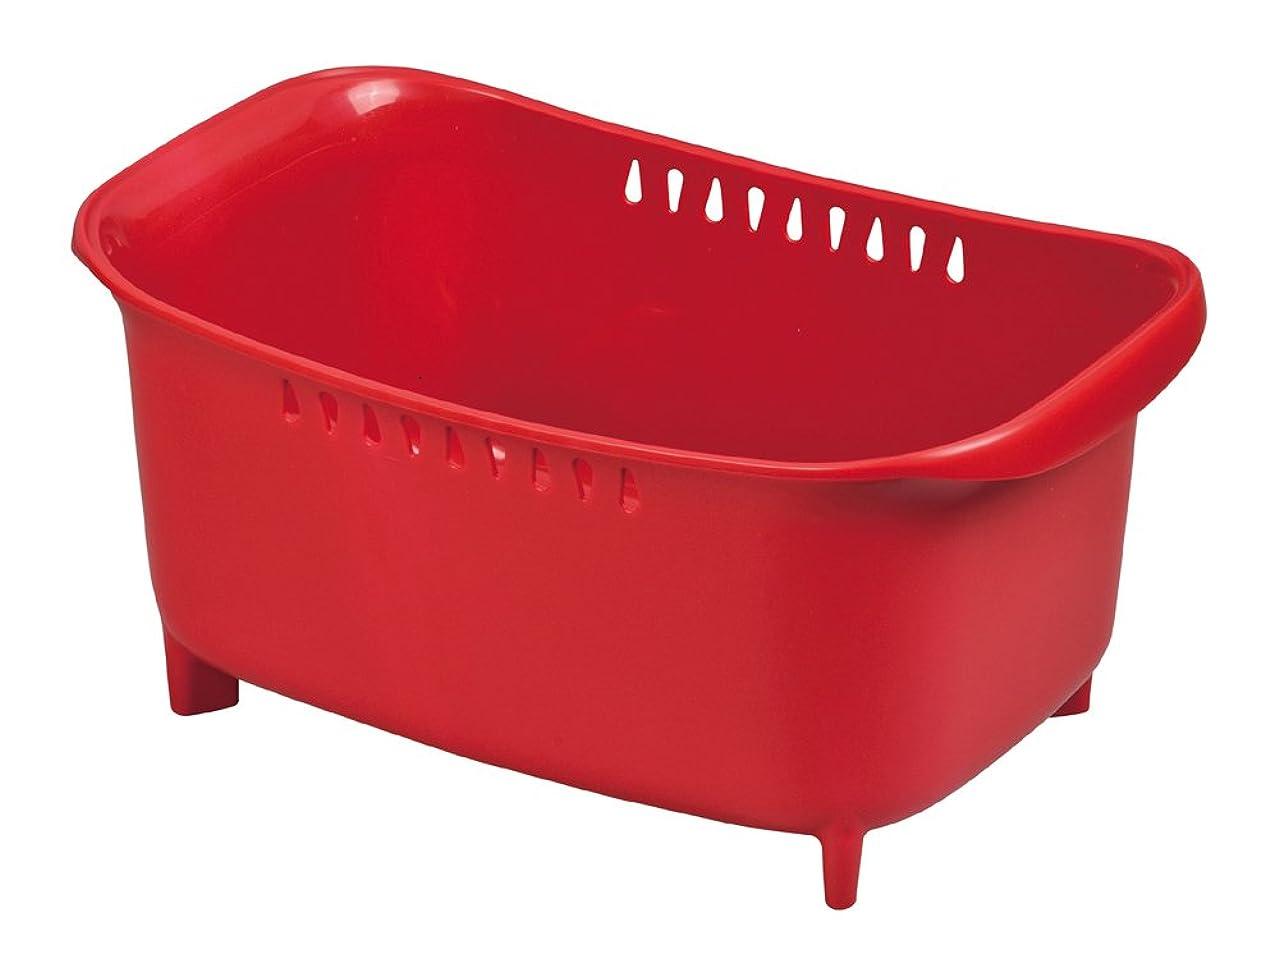 デンマーク仲間、同僚シソーラスパール金属 モデルノ 洗い桶 レッド 【日本製】